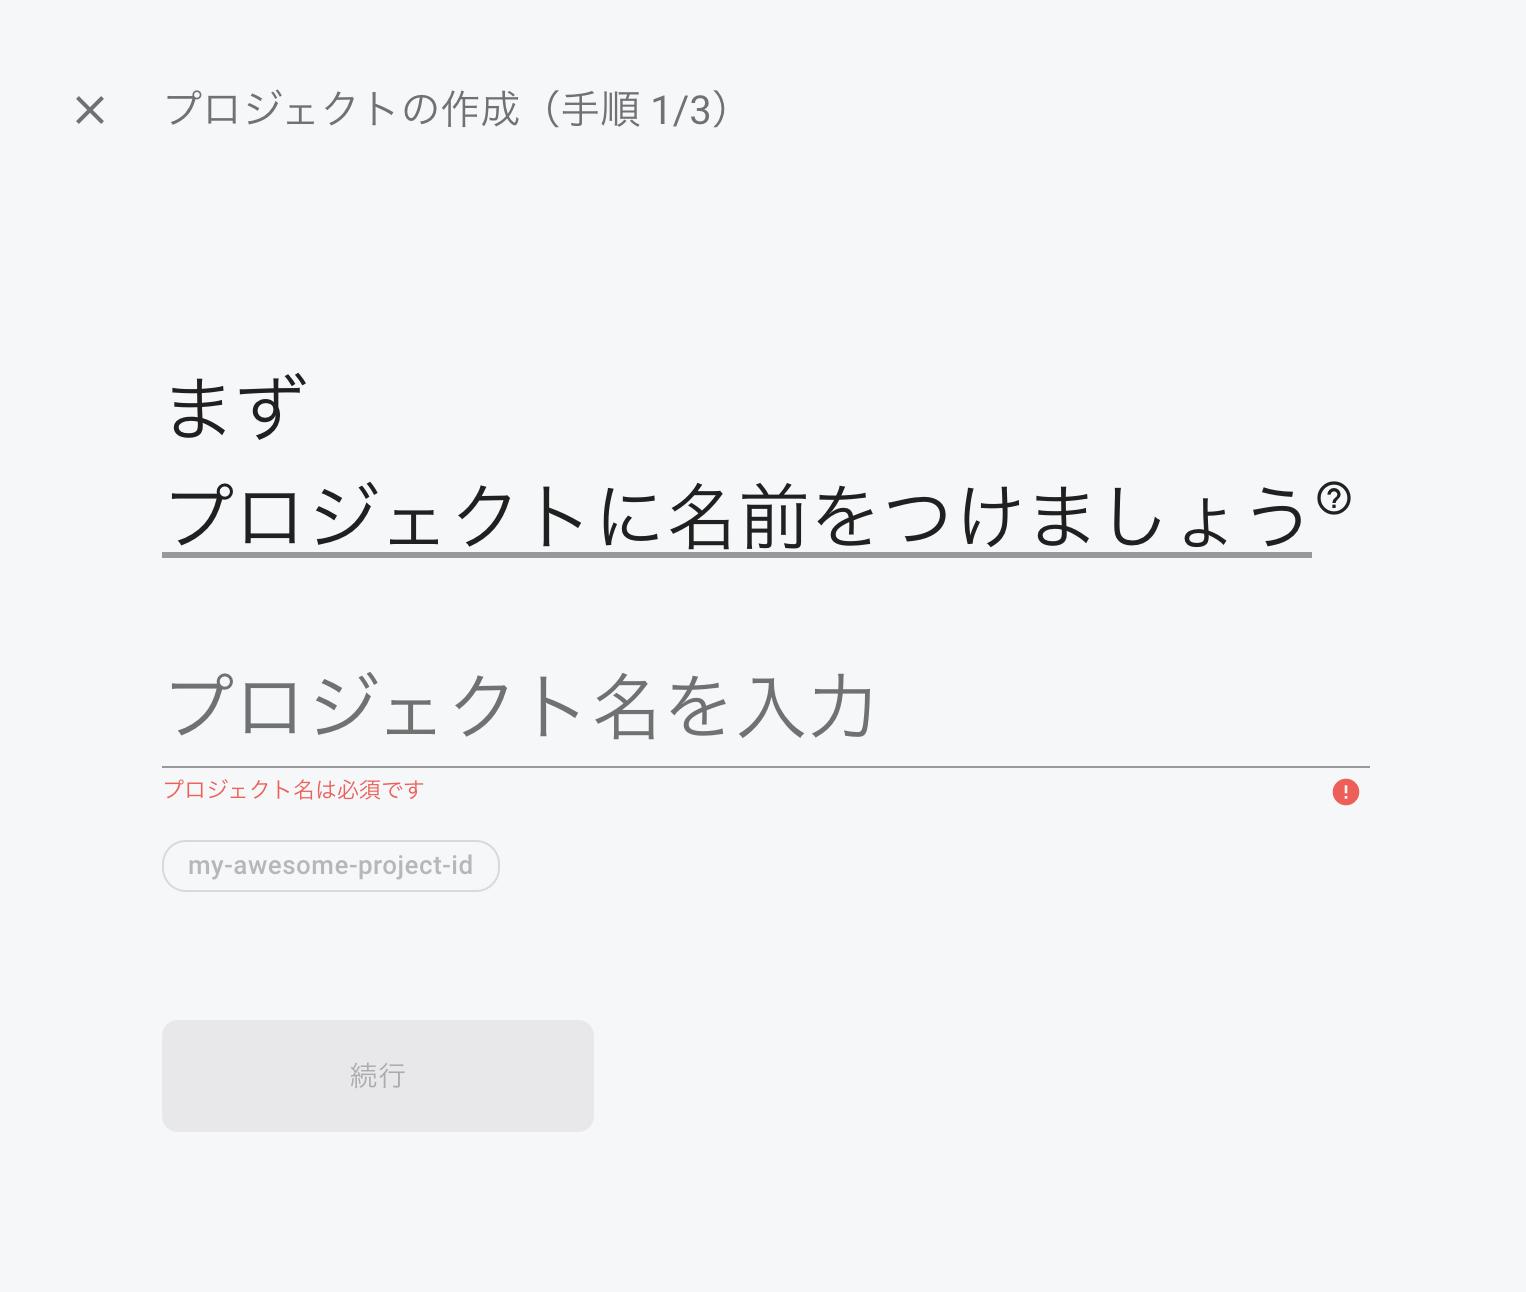 スクリーンショット 2020-10-04 11.40.23.png